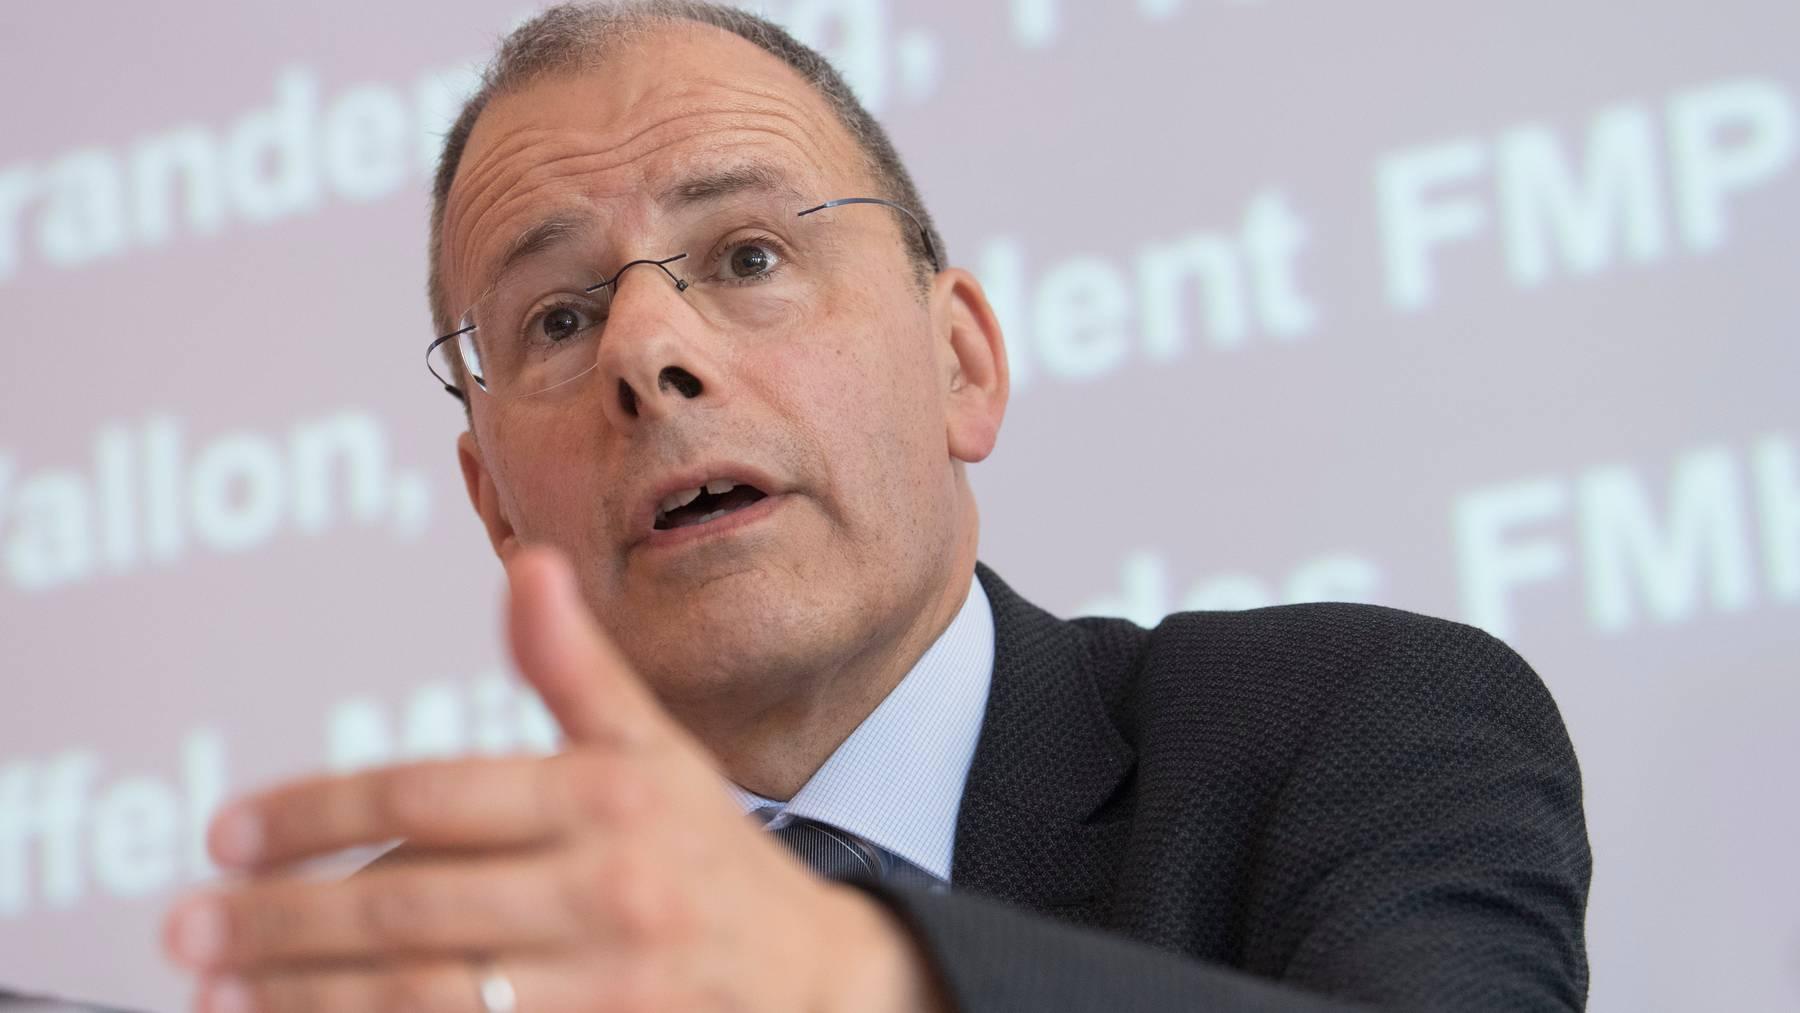 Der Berner Mediziner Jürg Schlup ist seit 2012 Präsident des Verbands der Schweizer Ärztinnen und Ärzte (FMH).